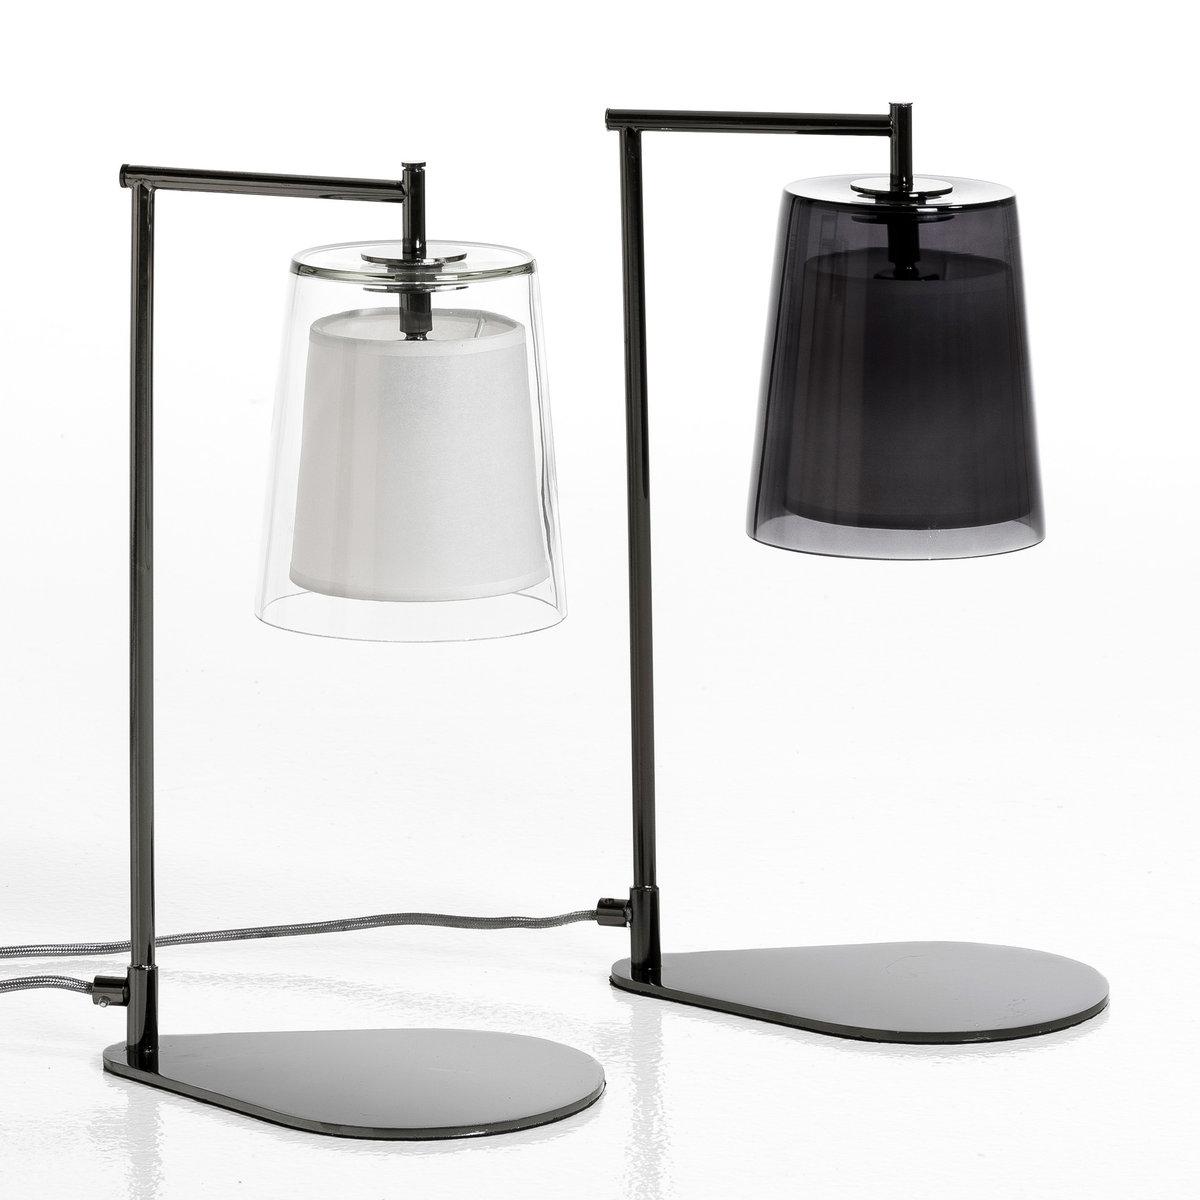 Лампа настольная Duo дизайн Э. ГаллиныЛампа настольнаяDuo . Эксклюзивная разработка Emmanuel Gallina для AM.PM    . В этой коллекции размеры изделий адаптированы для маленьких и больших пространств, они добавят яркую нотку в ваш интерьер.Коллекция светильников DUO всегда сочетает колпак из стекла с абажуром из бумаги кальки, рассеивающей свет, что создает уютную и приятную атмосферу .Характеристики : - Абажур из цветного стекла и кальки . - Ножка из хромированного металла . - Патрон E14. - Флюокомпактная лампочка макс 11 W, не входит в комплект. - Совместима с лампочками электрического класса  A.     Размеры : - Абажур ?15 x Выс17,3 см . - Низ .24,5 x .17 см. - Общая высота 44 см .<br><br>Цвет: прозрачный